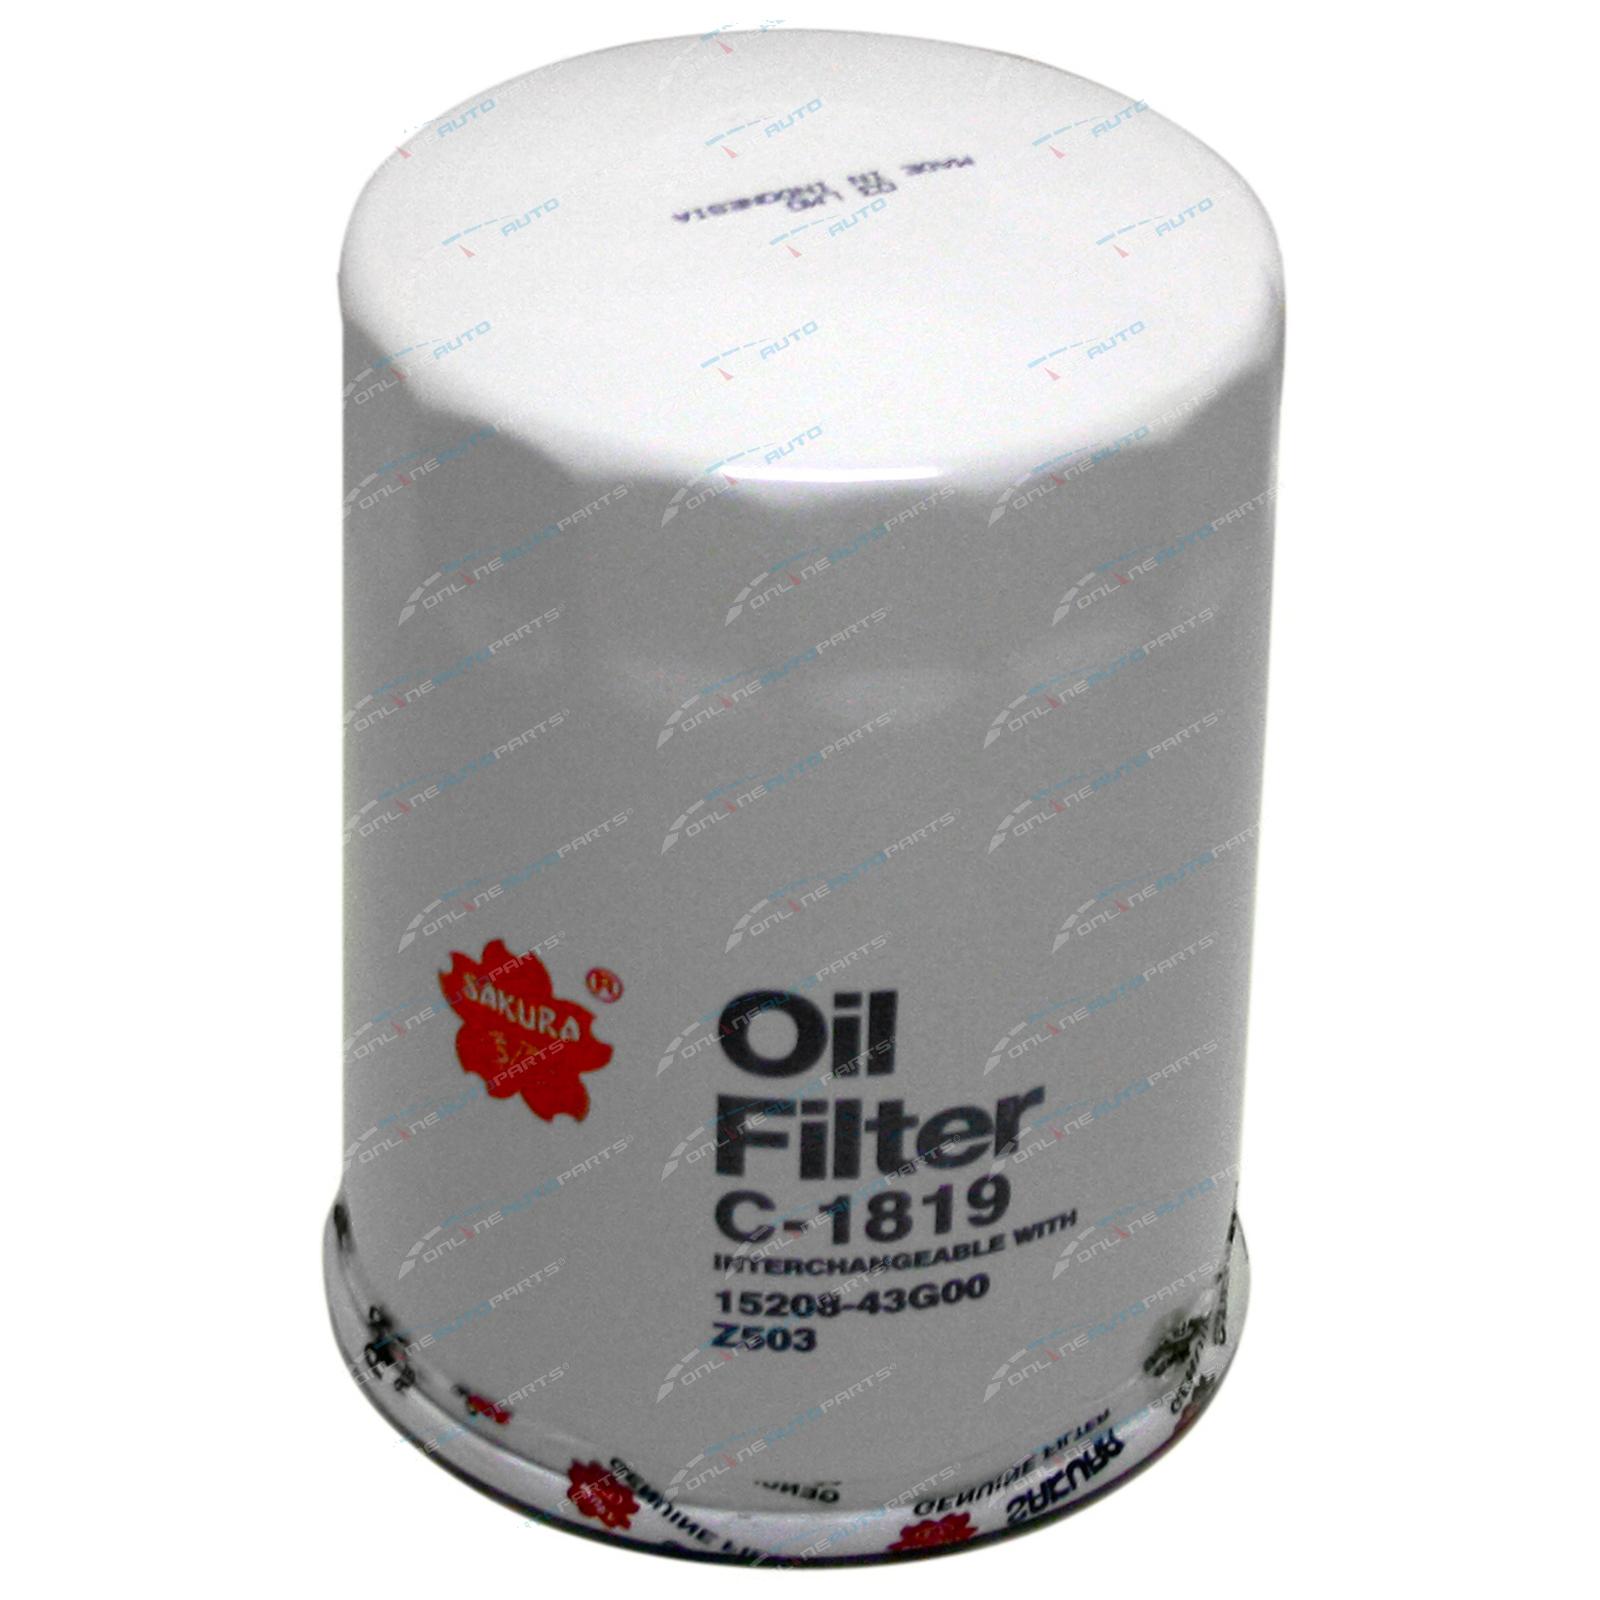 Oil Filter Sakura